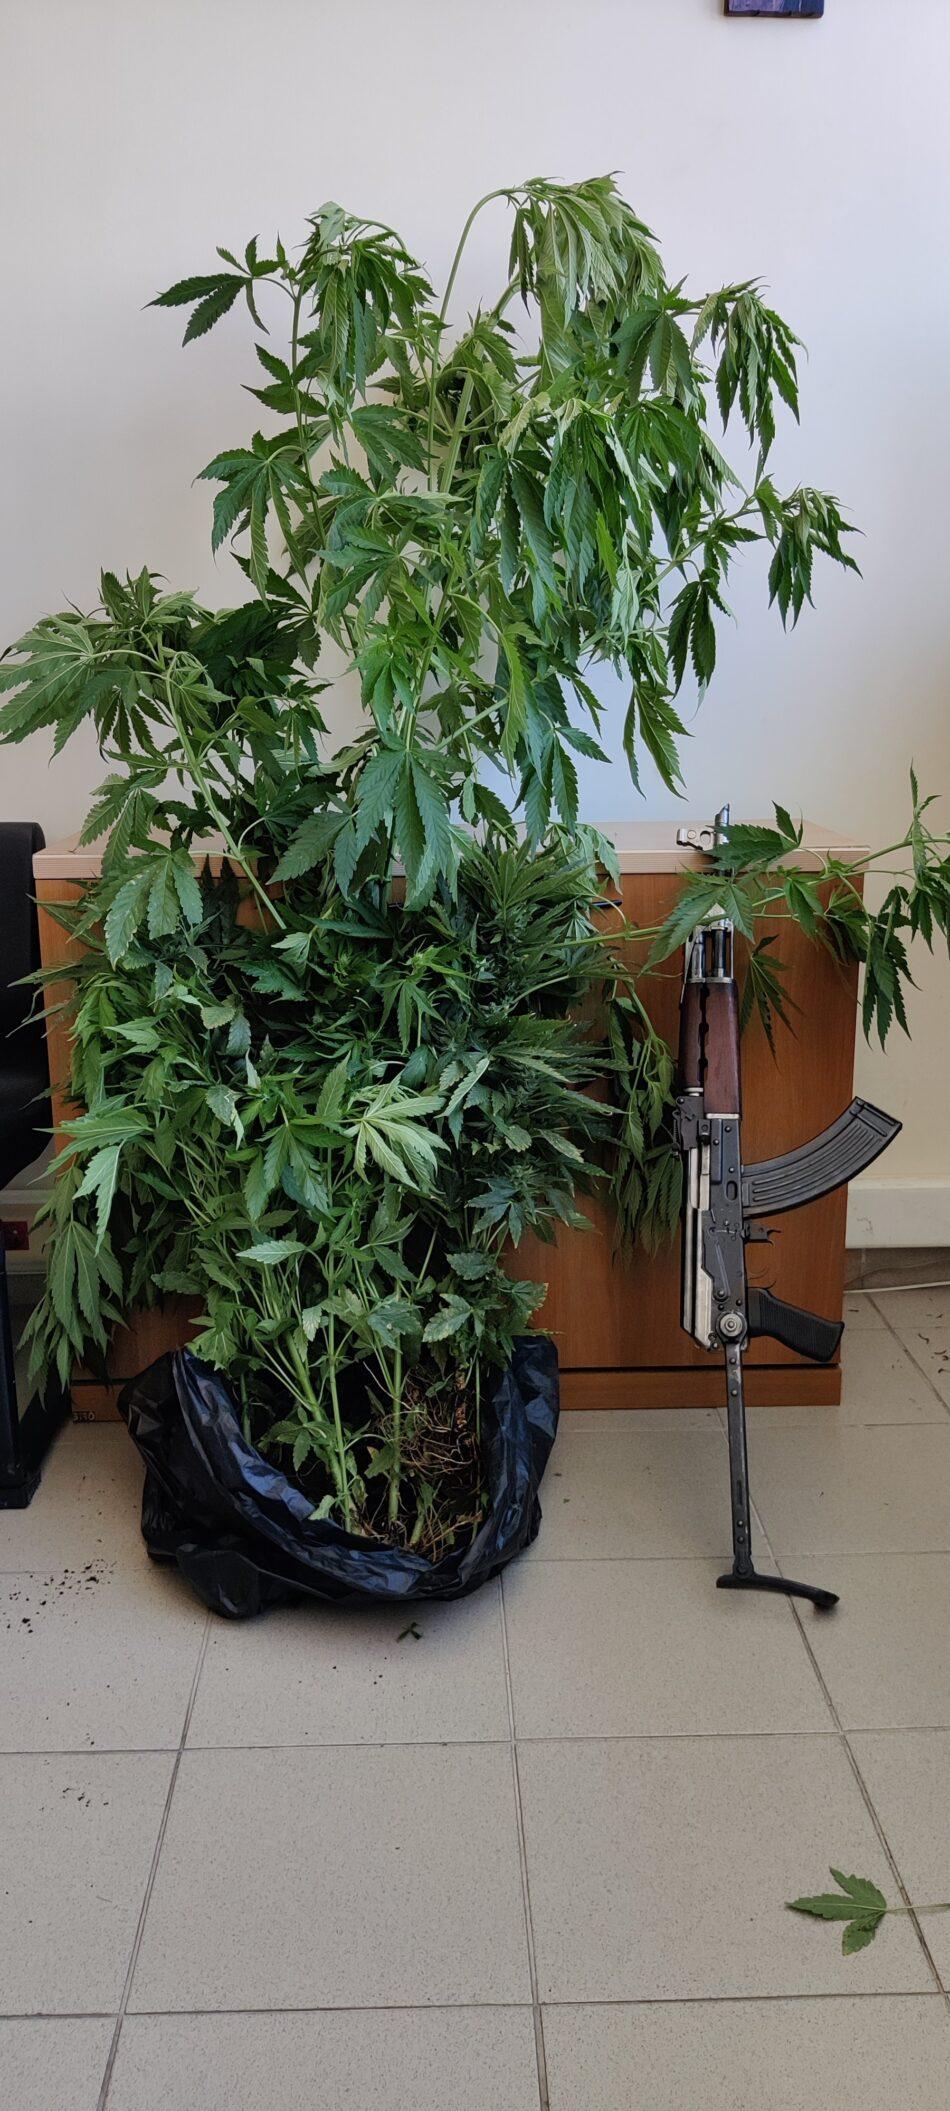 Σύλληψη καλλιεργητή ναρκωτικών στο Ηράκλειο Κρήτης  Σύλληψη καλλιεργητή ναρκωτικών στο Ηράκλειο Κρήτης                                                                                                 950x2111